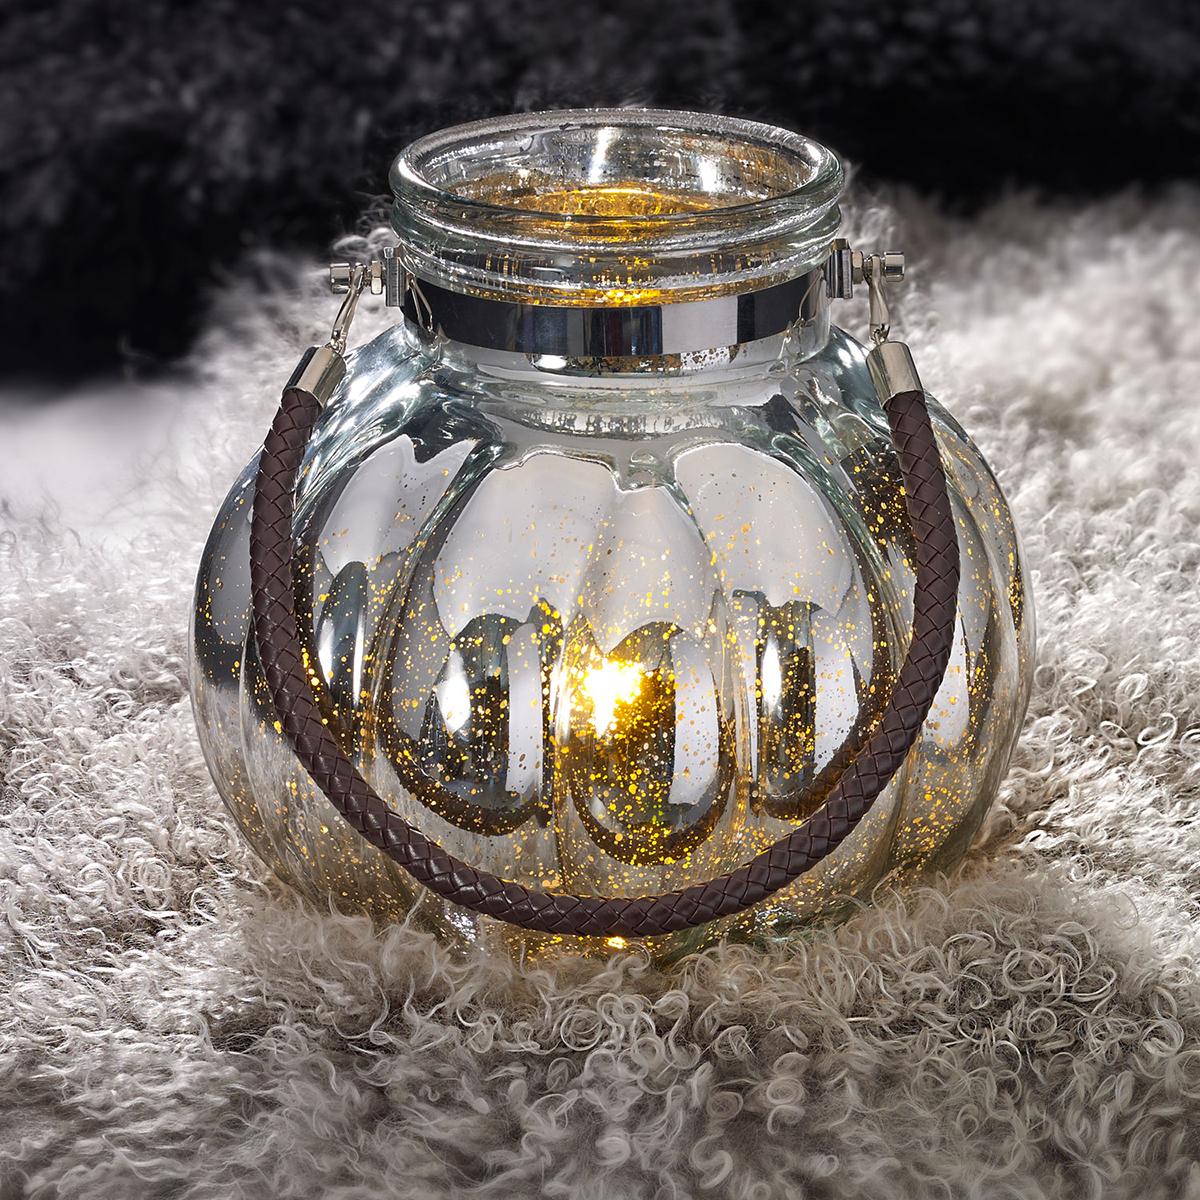 windlicht xl mit mico led lichterkette mercury glas. Black Bedroom Furniture Sets. Home Design Ideas